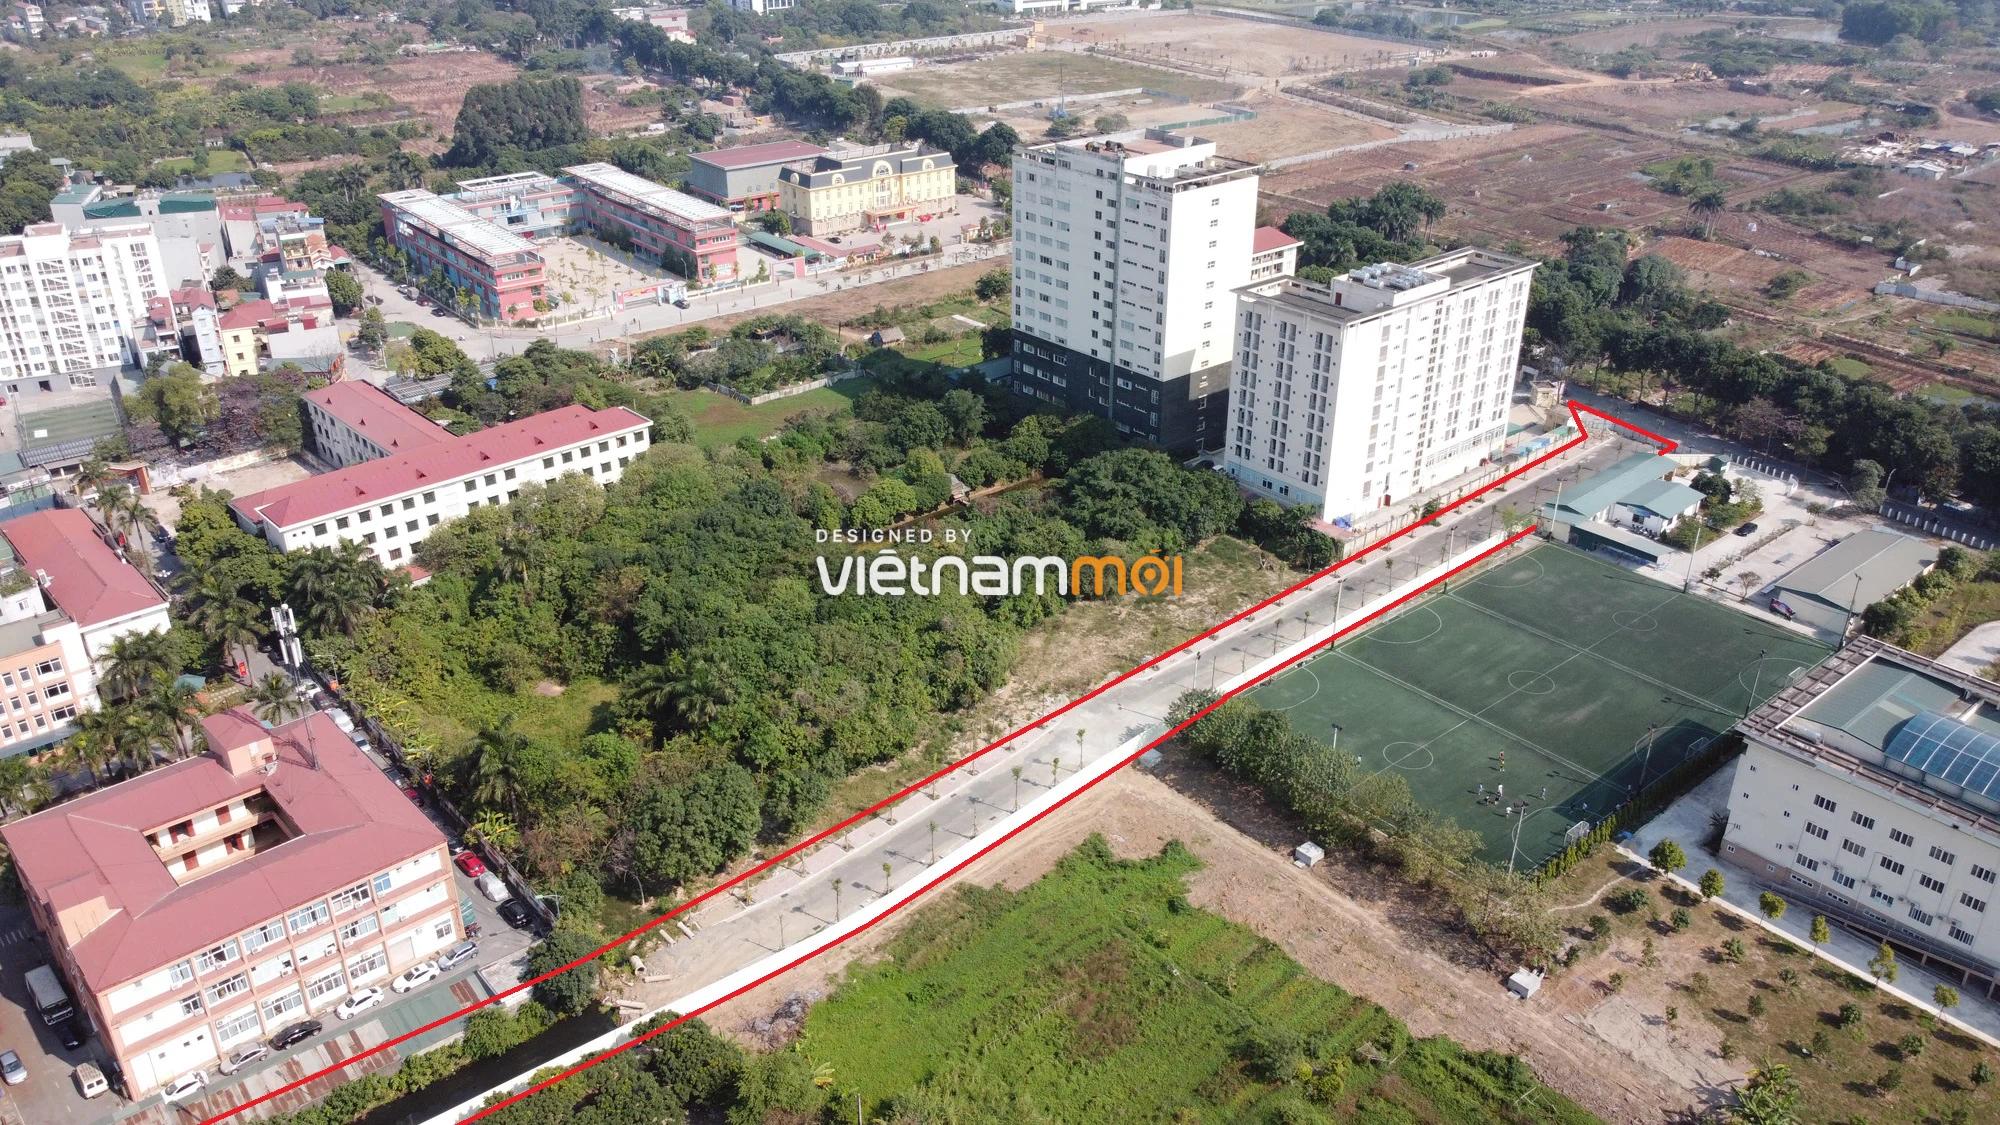 Những khu đất sắp thu hồi để mở đường ở quận Bắc Từ Liêm, Hà Nội (phần 2) - Ảnh 22.